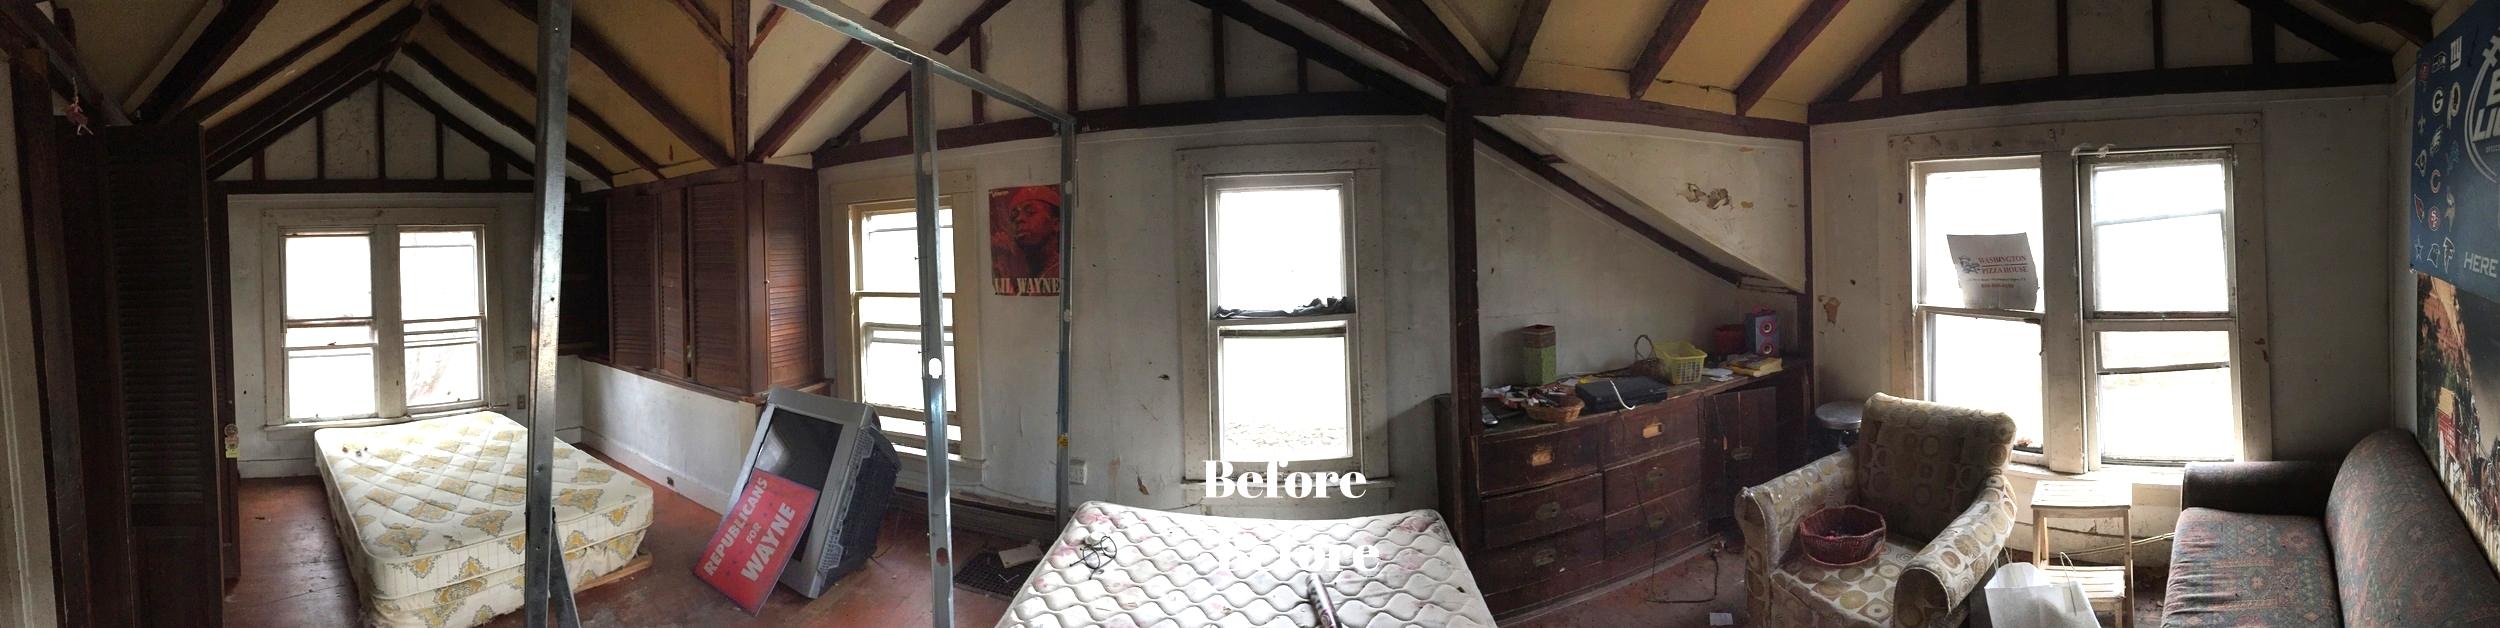 Bedroom Before 8.jpg